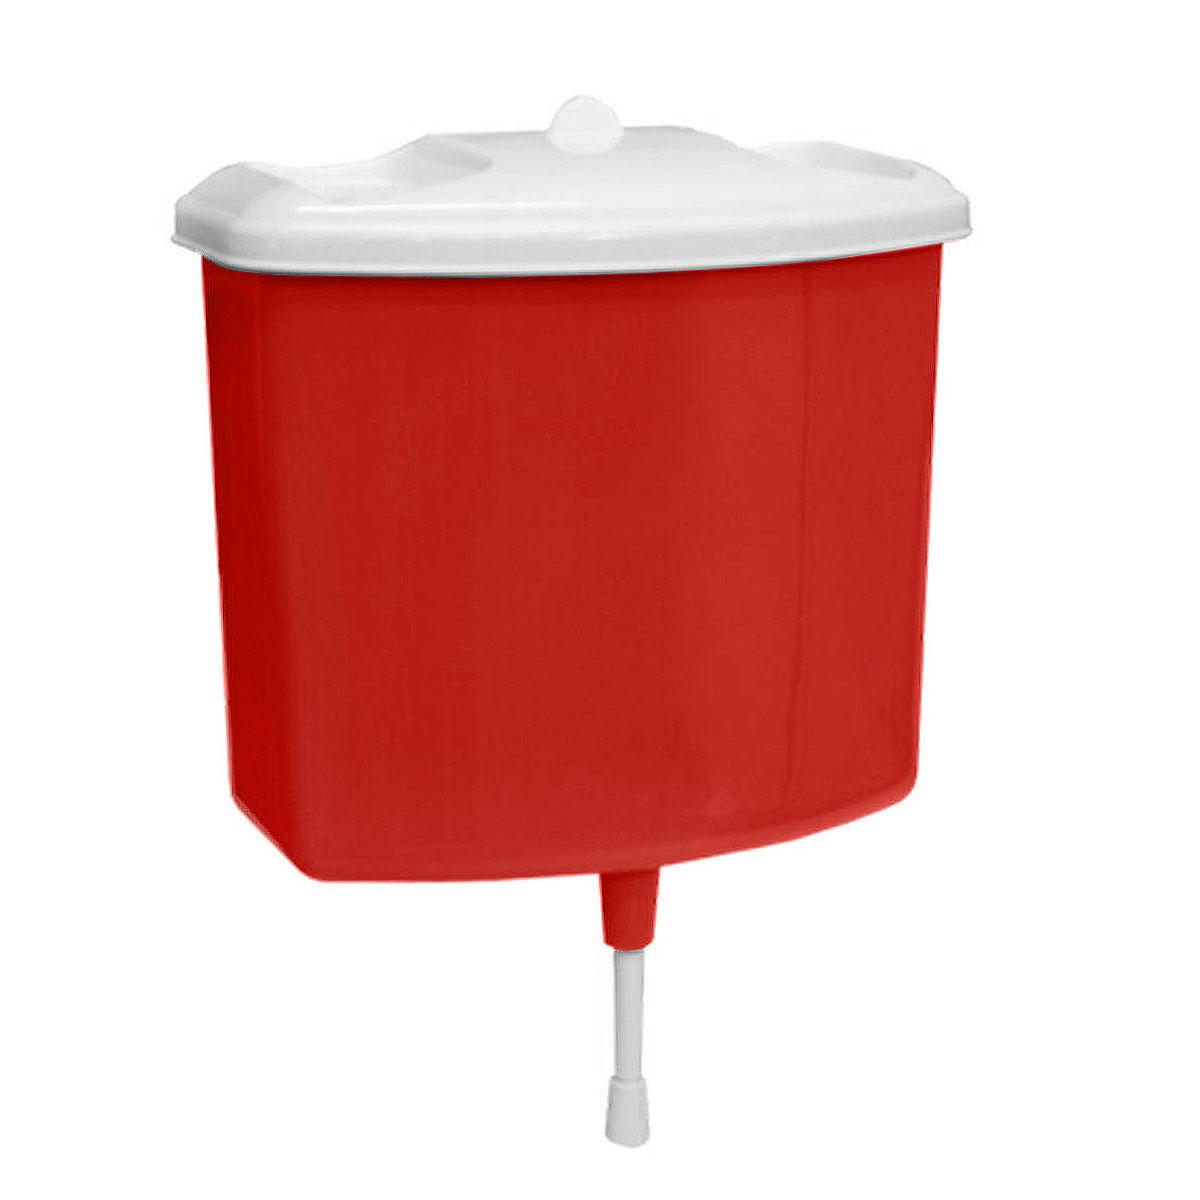 Рукомойник Альтернатива, цвет: красный, 5 лM367красныйРукомойник Альтернатива изготовлен из пластика. Он предназначен для умывания в саду или на даче. Яркий и красочный, он отлично впишется в окружающую обстановку. Петли предоставляют вертикальное крепление рукомойника. Рукомойник оснащен крышкой, которая предотвращает попадание мусора. Также на крышке имеет две выемки для мыла. Рукомойник Альтернатива надежный и удобный в использовании. Размер рукомойника: 26,5 см х 15 см. Высота (без учета крышки): 23 см.